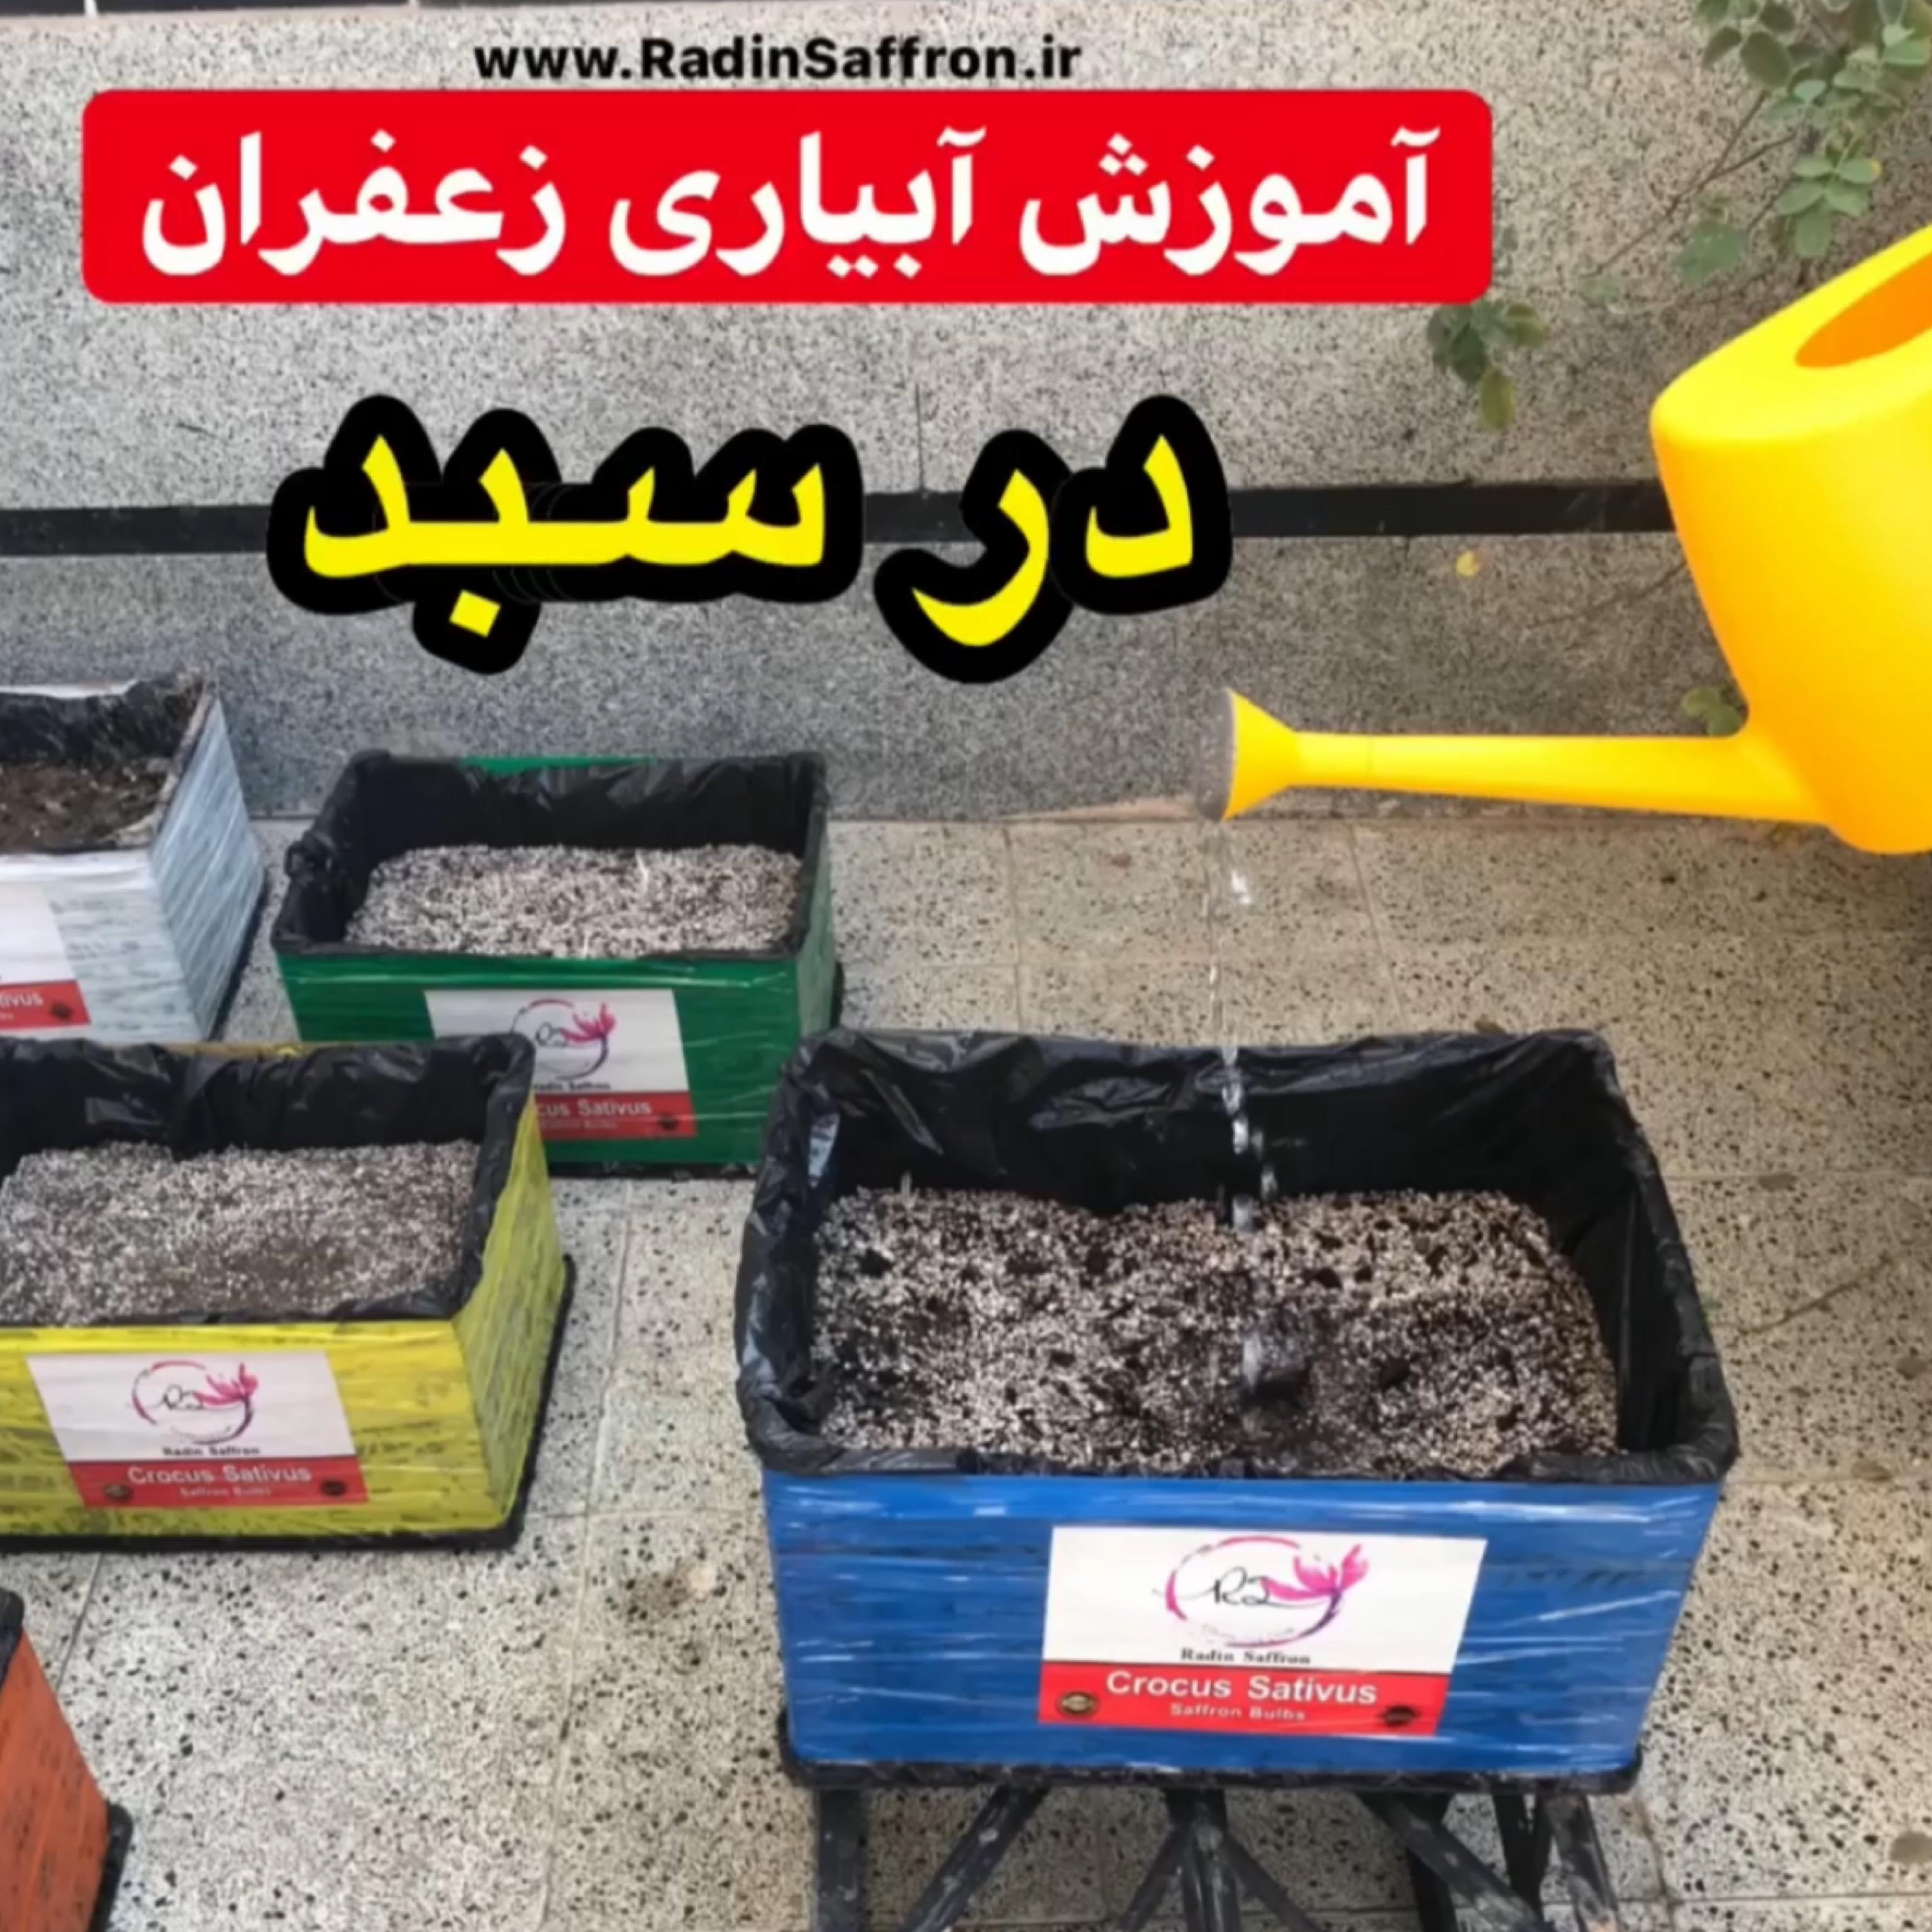 آموزش آبیاری زعفران در سبد یا گلدان + فیلم آموزشی